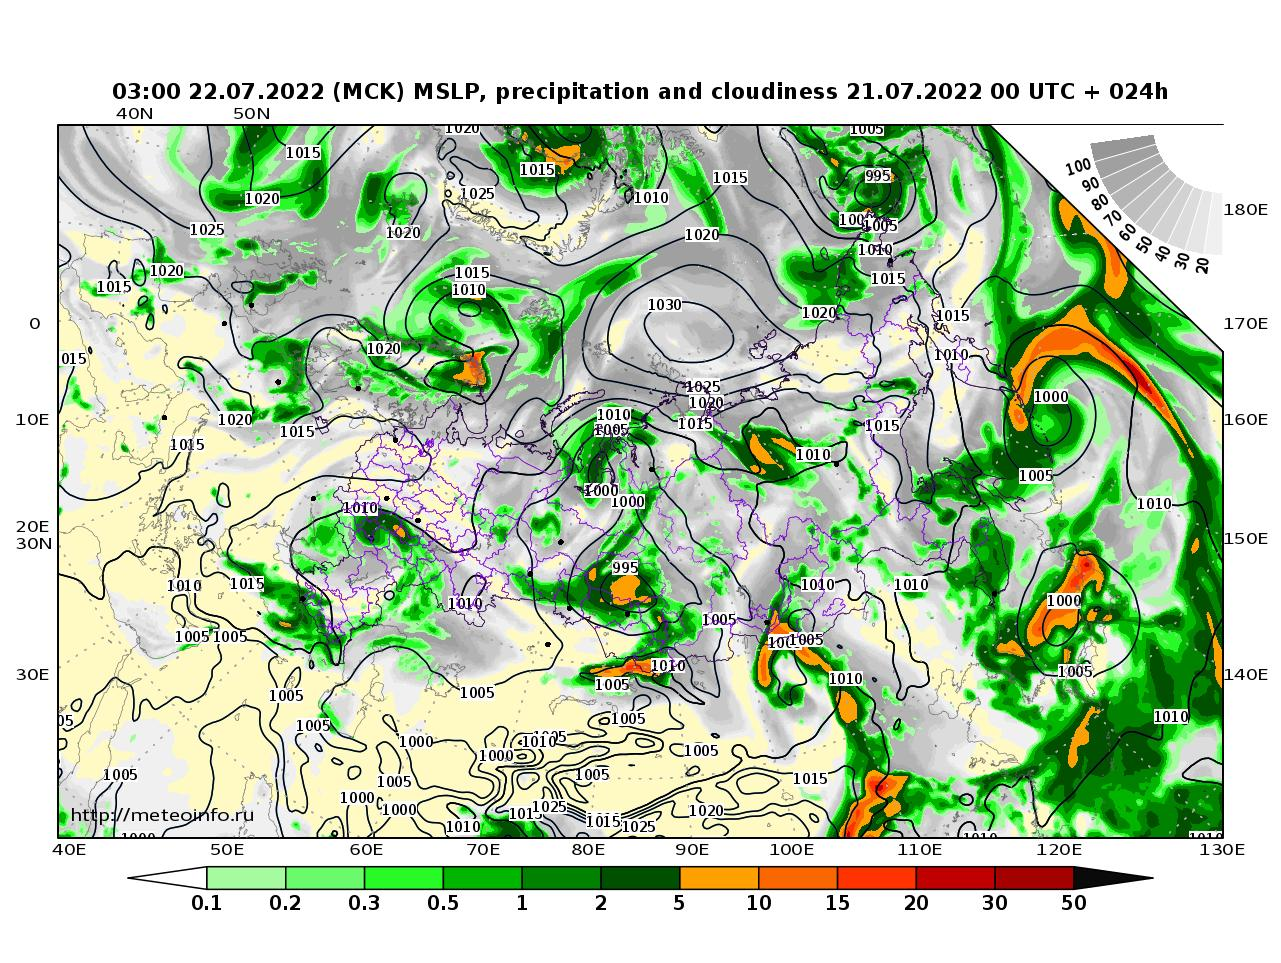 Россия, прогностическая карта осадки и давление, заблаговременность прогноза 24 часа